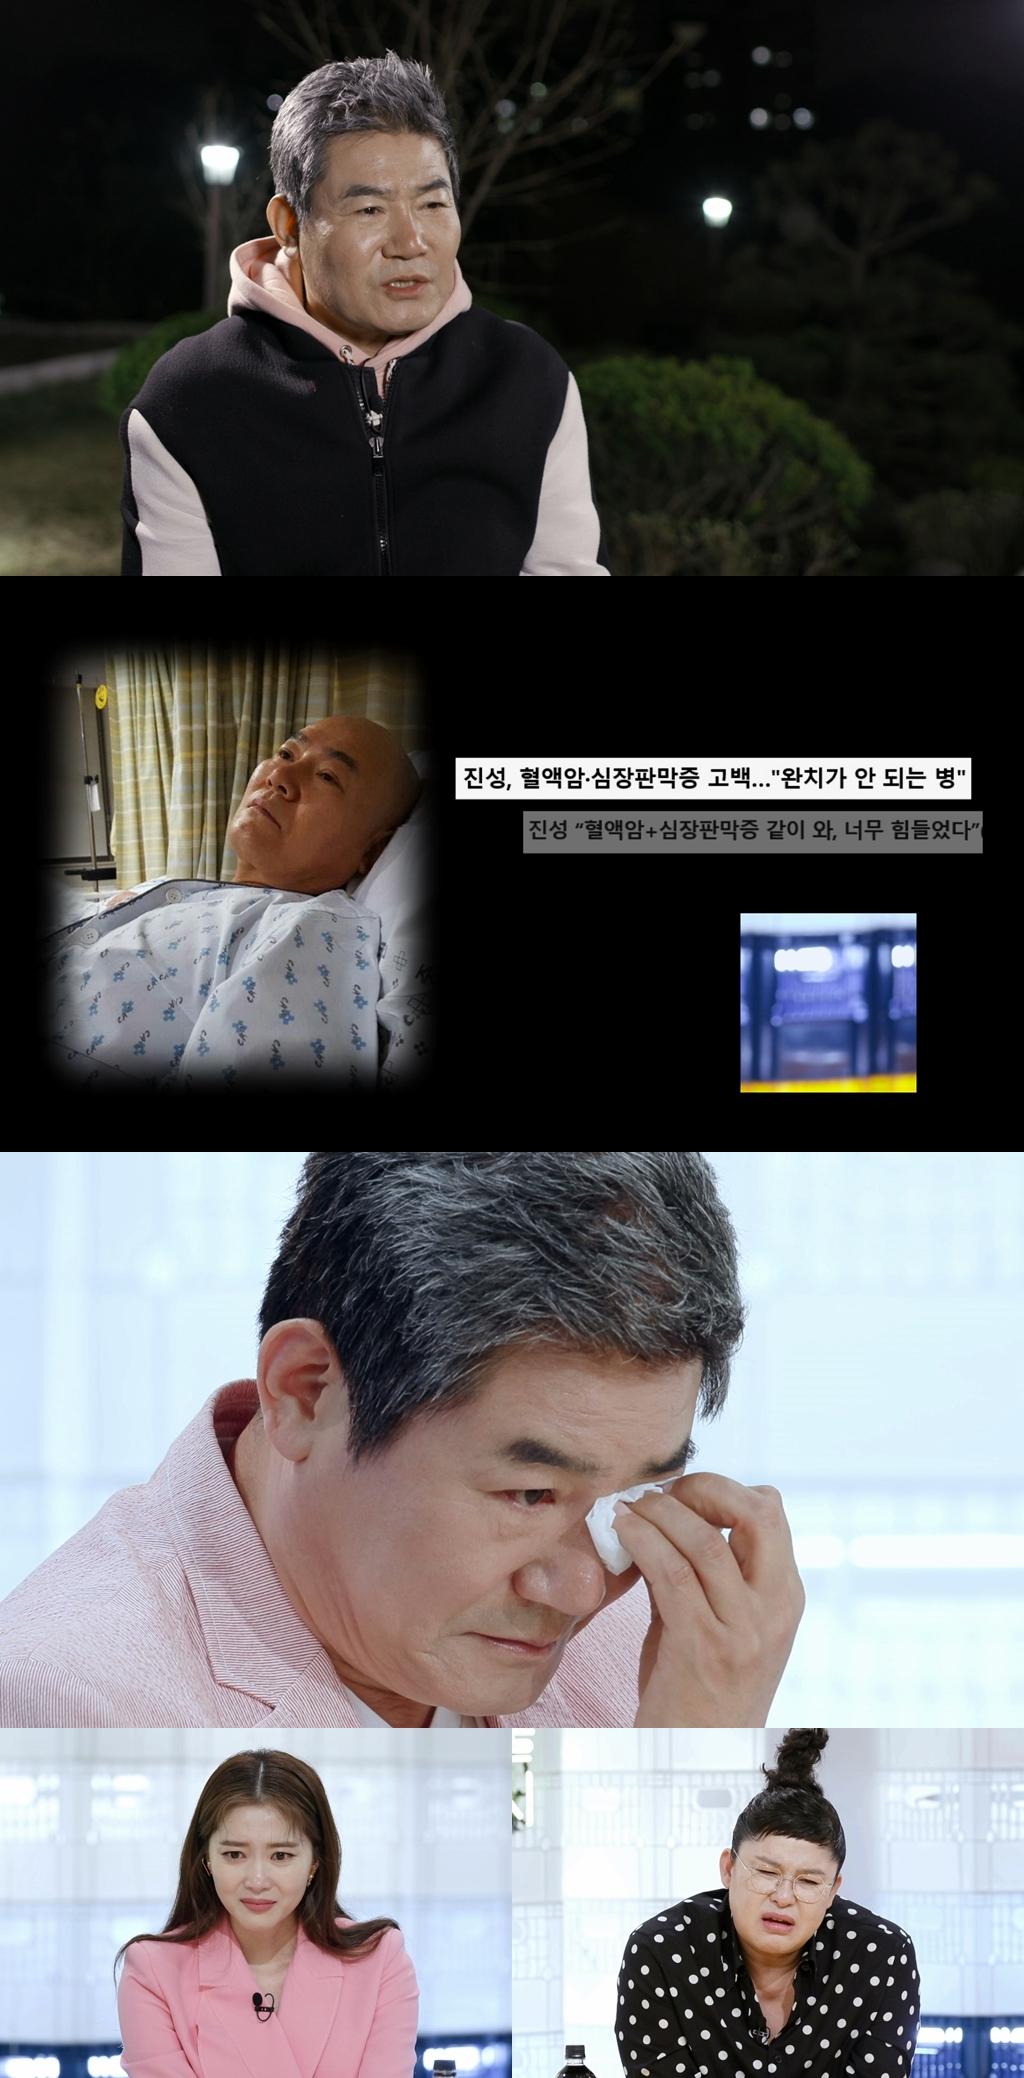 """'편스토랑' 진성 """"림프종혈액암 투병, 죽는구나 싶었다"""" 고백"""